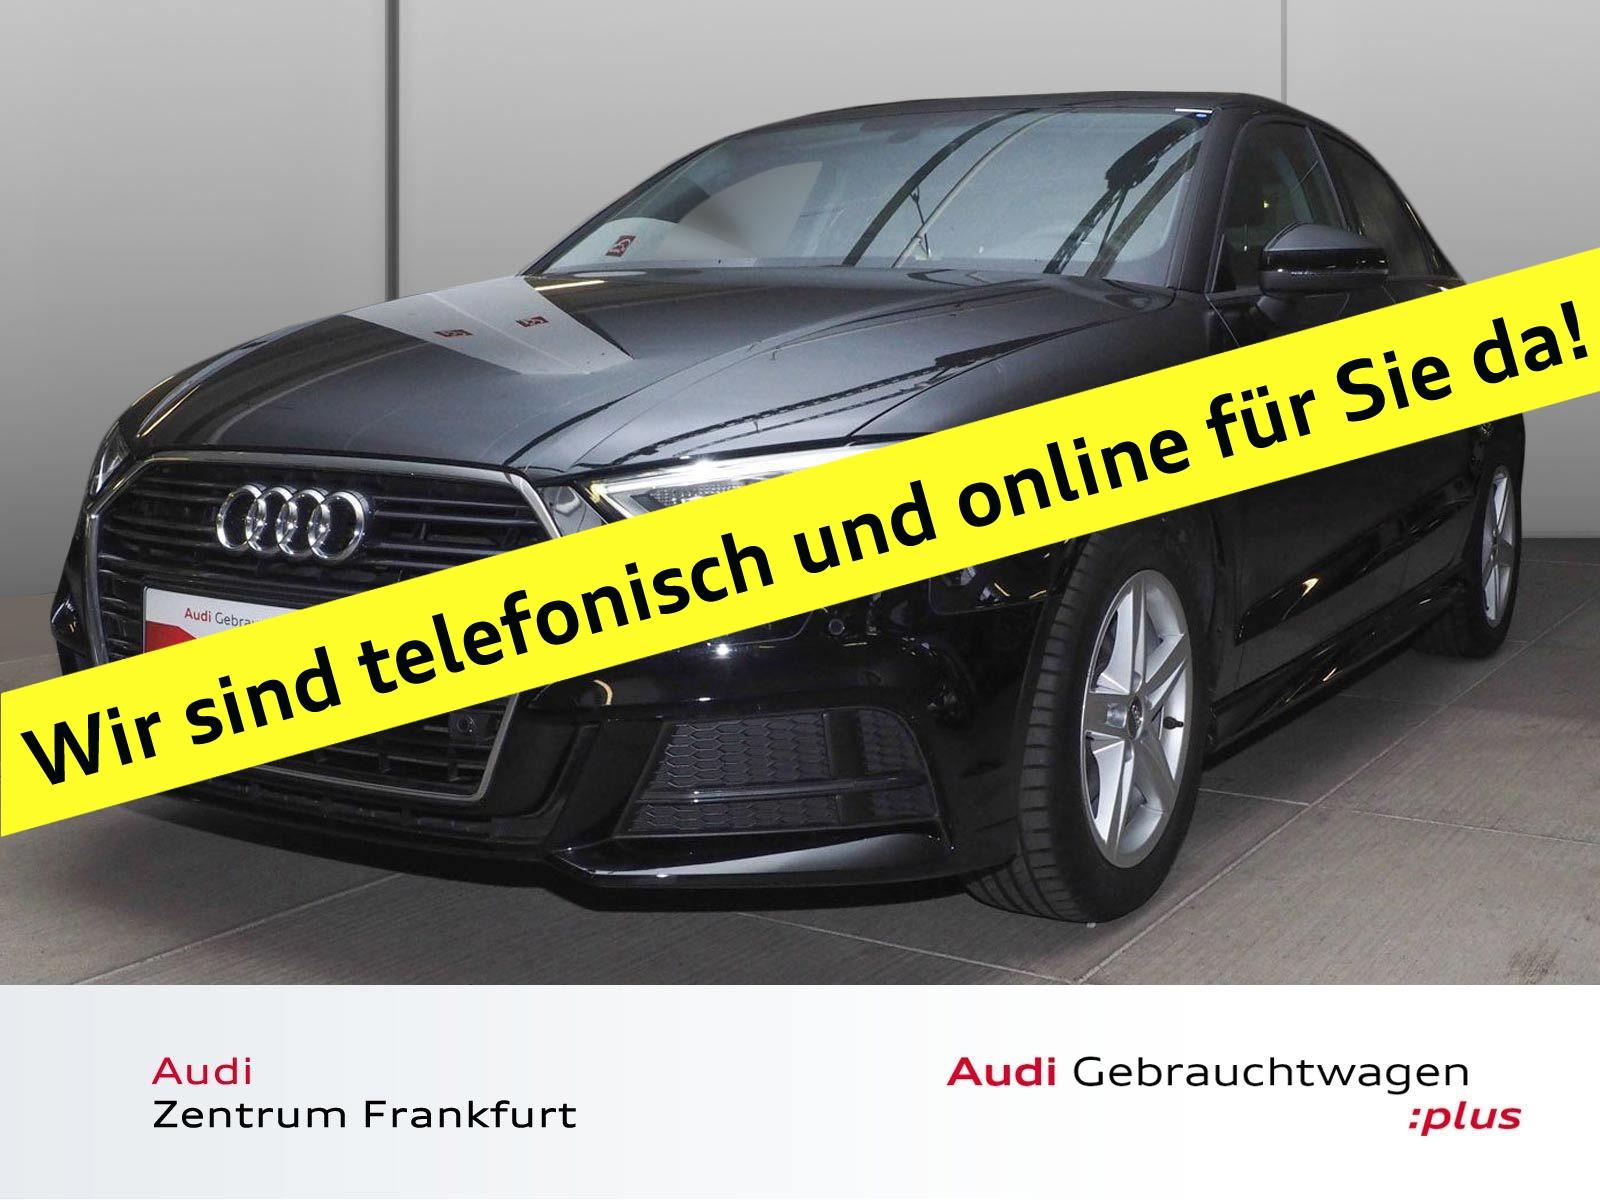 Audi A3 Limousine 1.0 TFSI S line Navi Xenon PDC Sitzheizung, Jahr 2017, Benzin